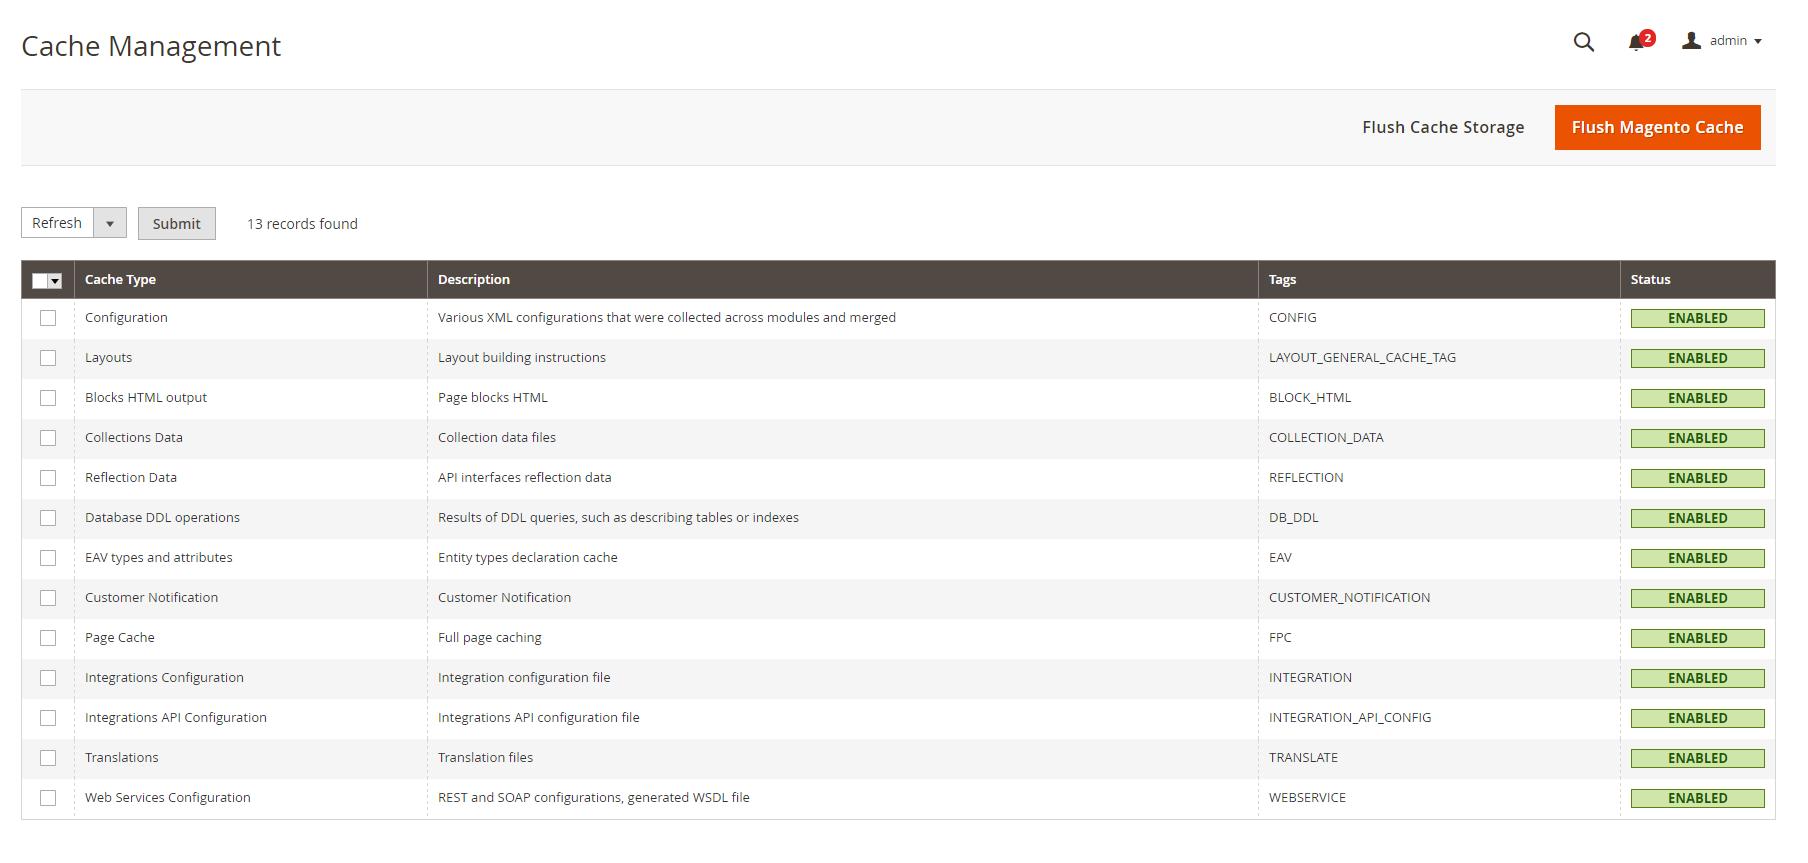 magento-2-system-menu-cache-management